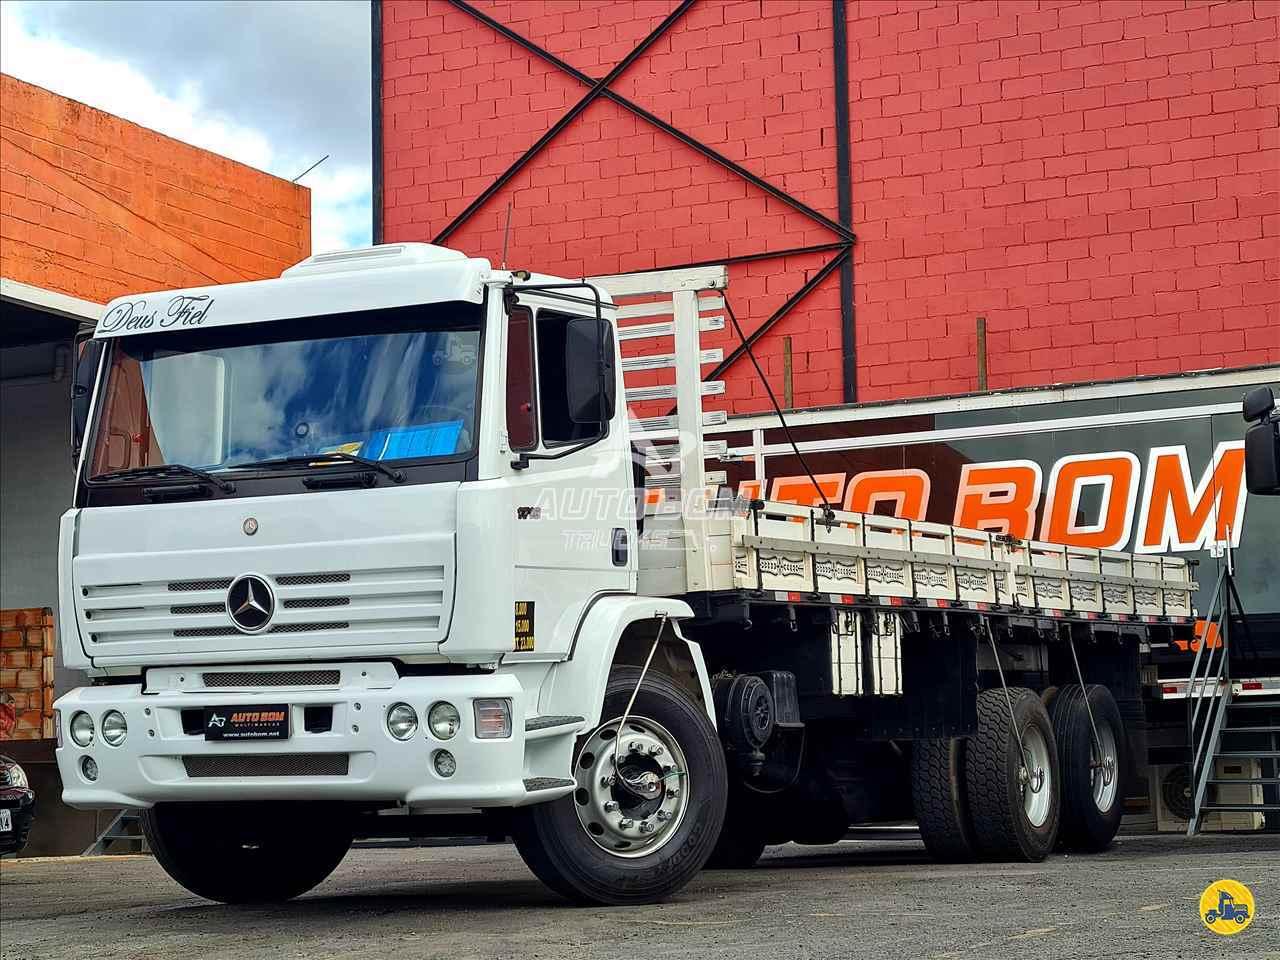 CAMINHAO MERCEDES-BENZ MB 1718 Carga Seca Truck 6x2 Autobom Trucks CONTAGEM MINAS GERAIS MG